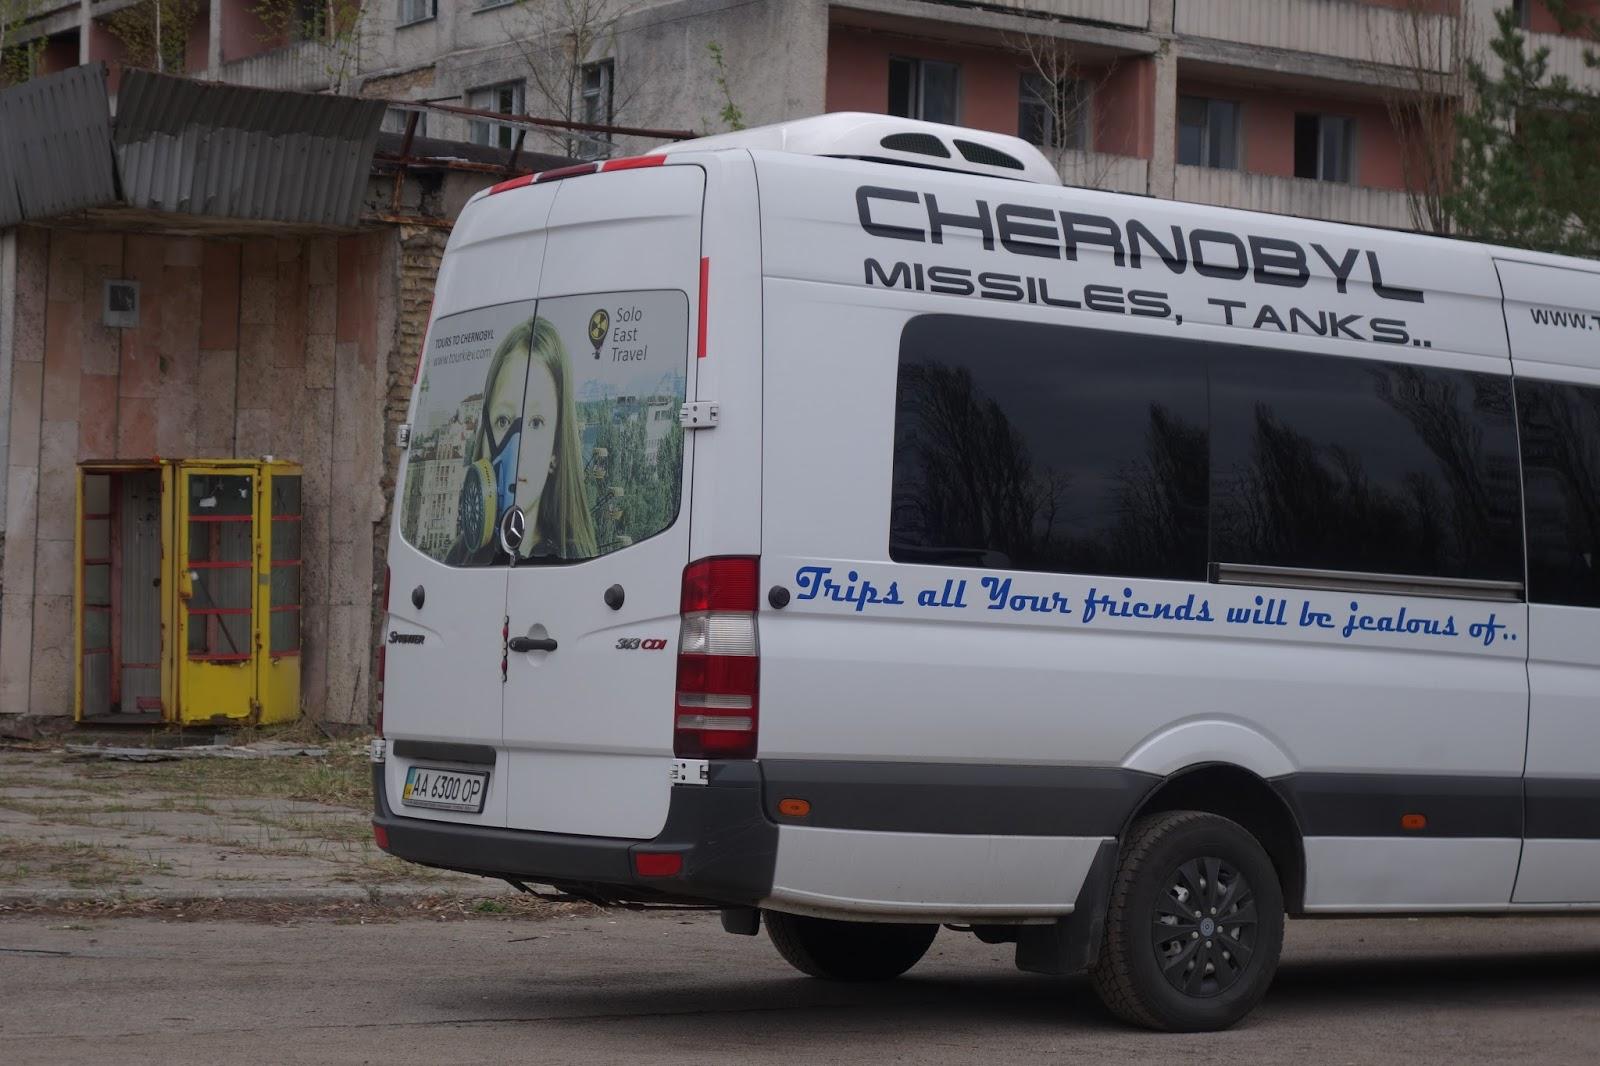 Varldens rikaste far plats i en minibuss